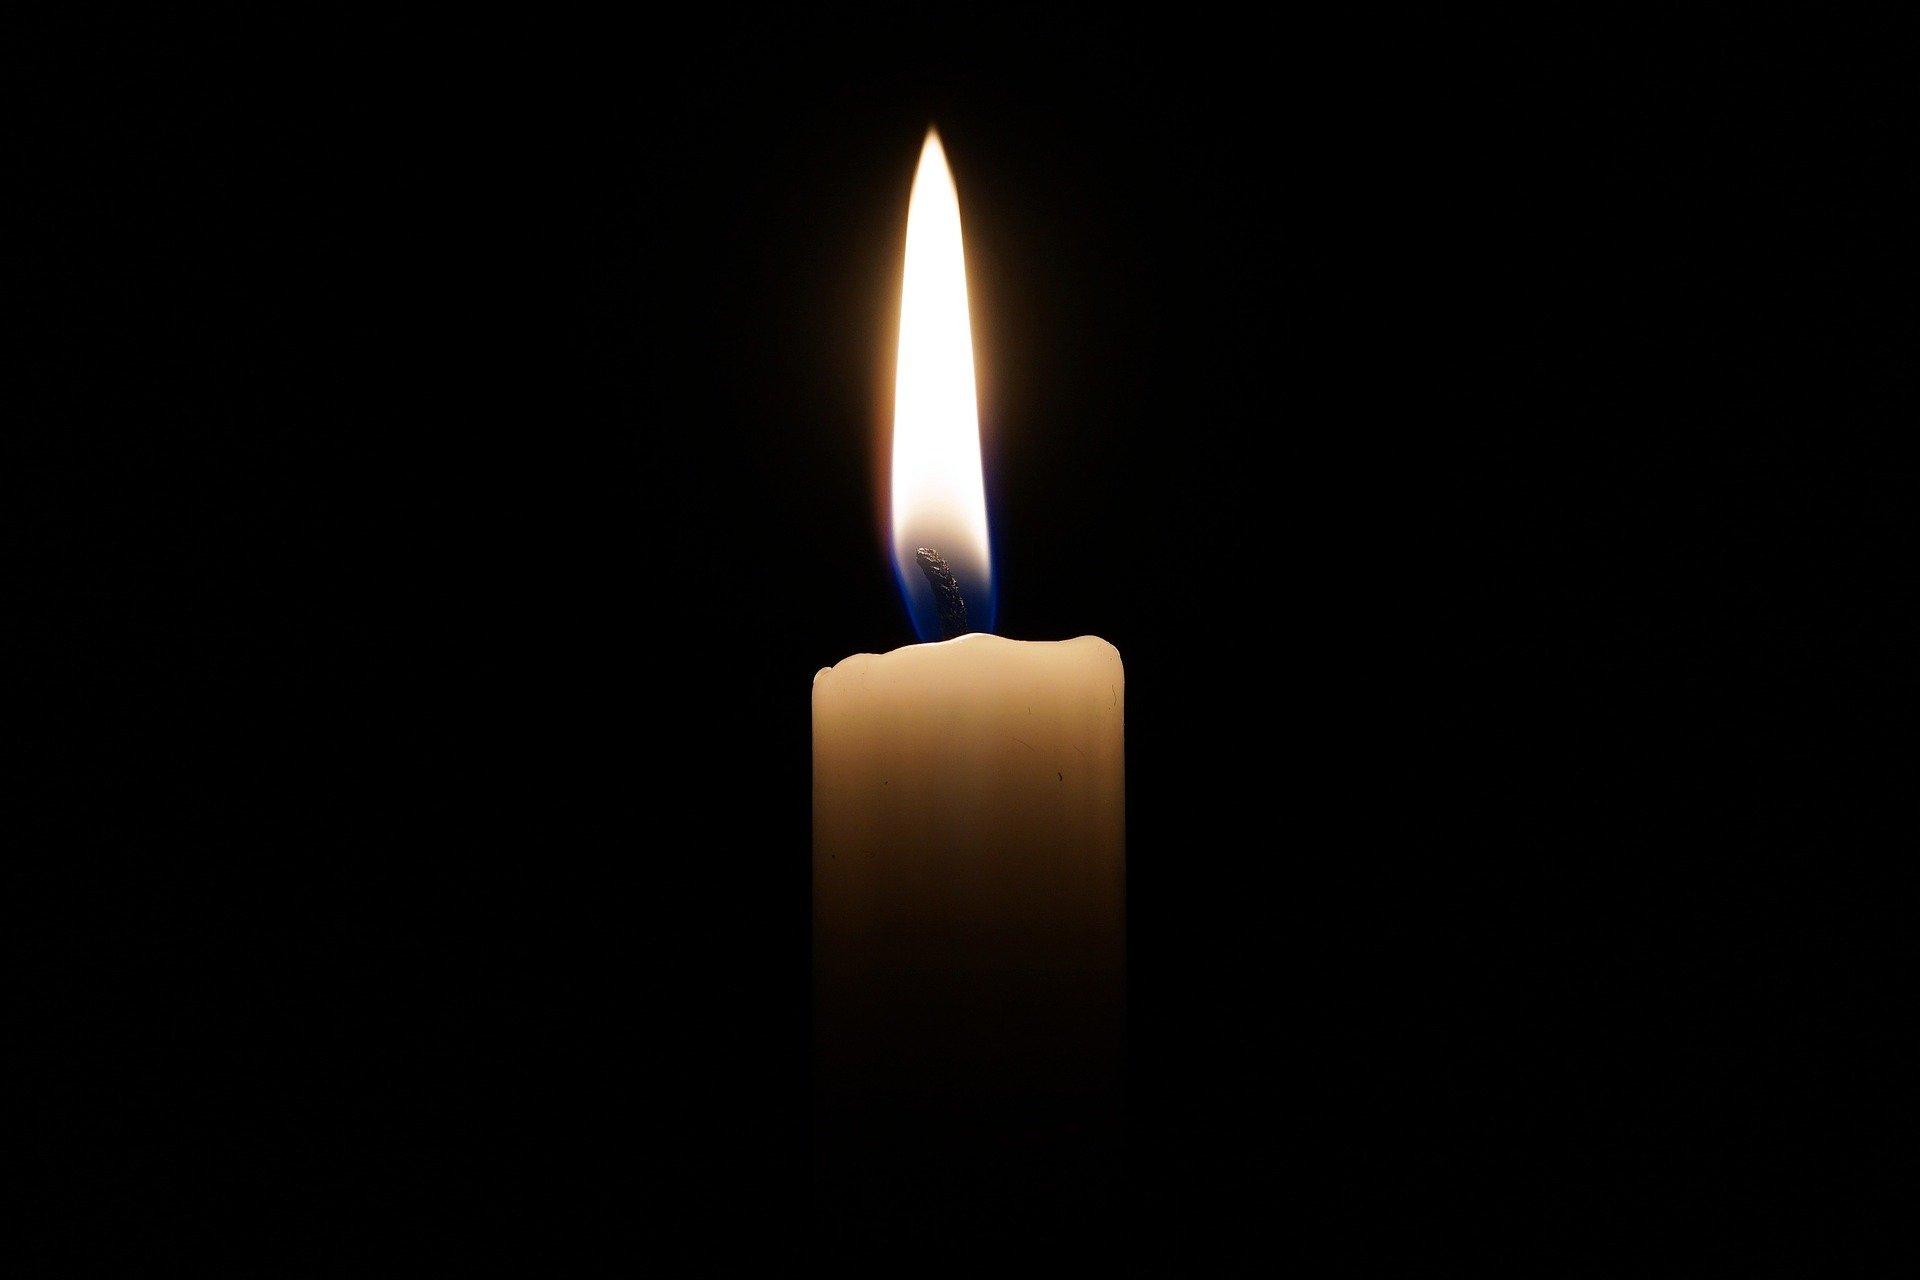 décès _ candle-2038736_1920.jpg